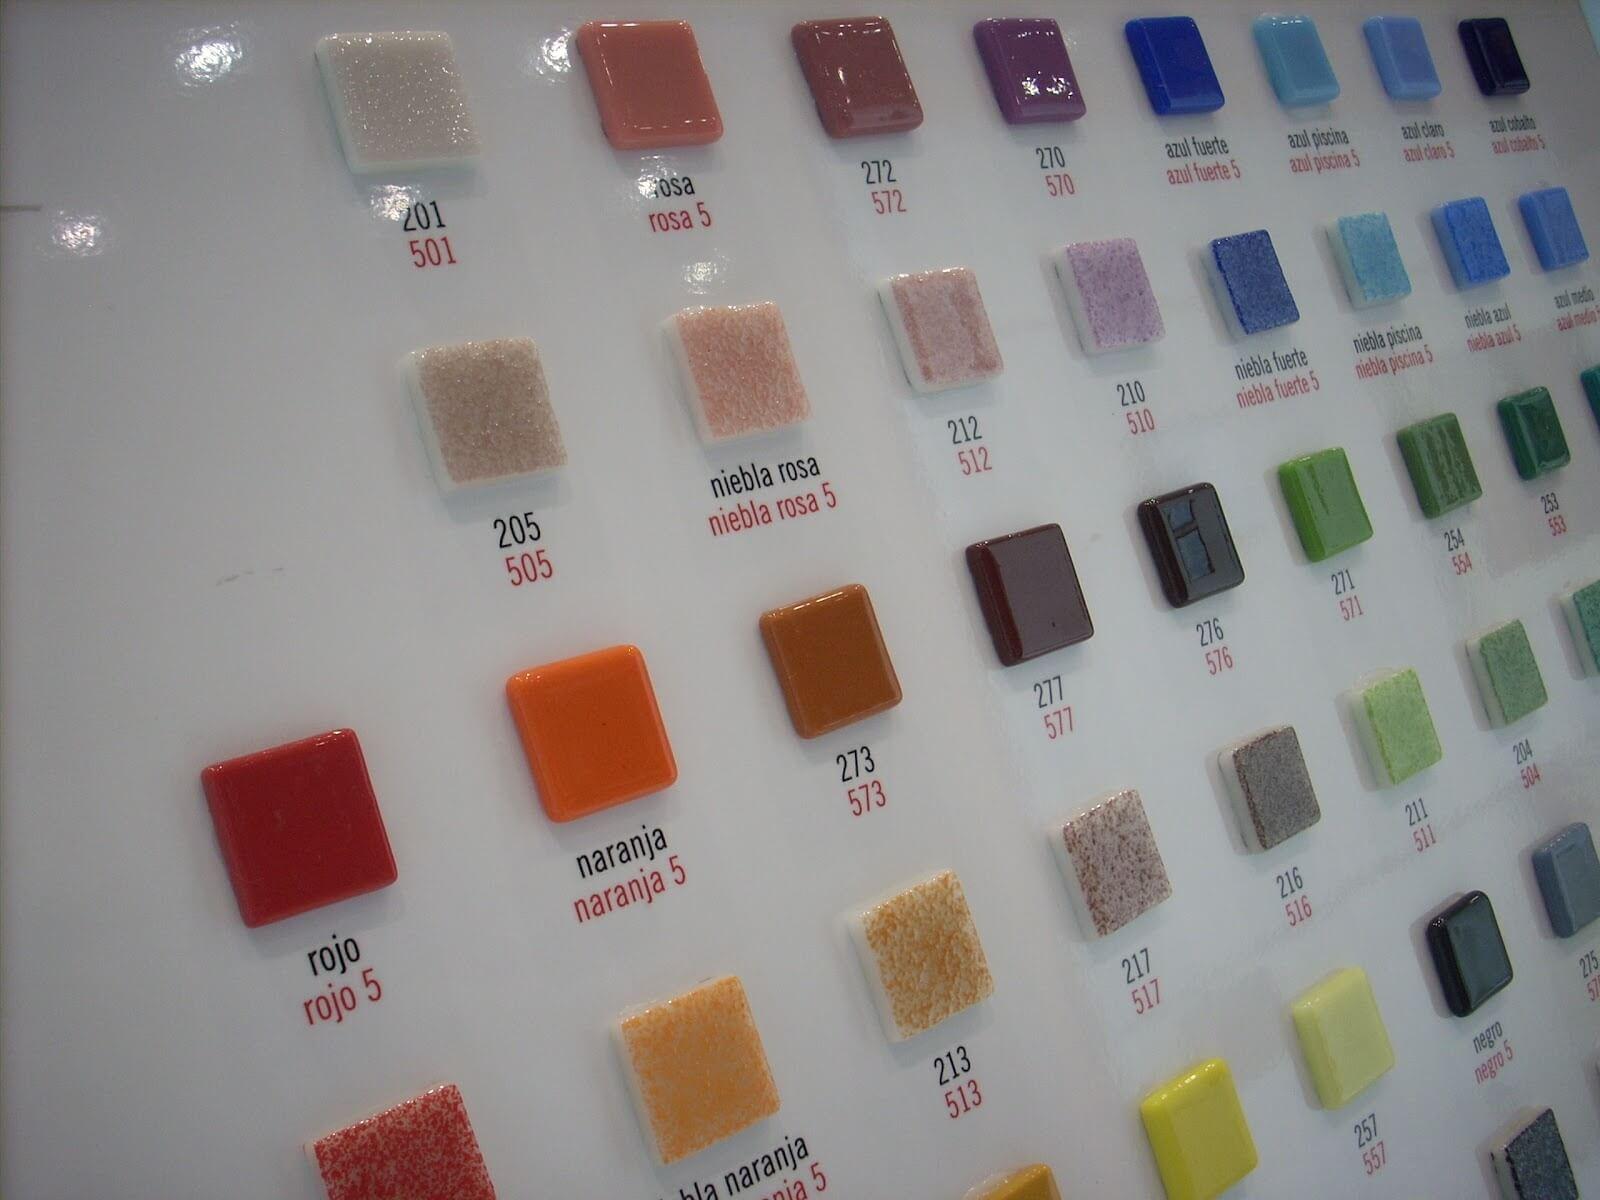 Medidas Azulejos Baño:Gresite con gamas de color azul, amarillo, verde, multicolor o con